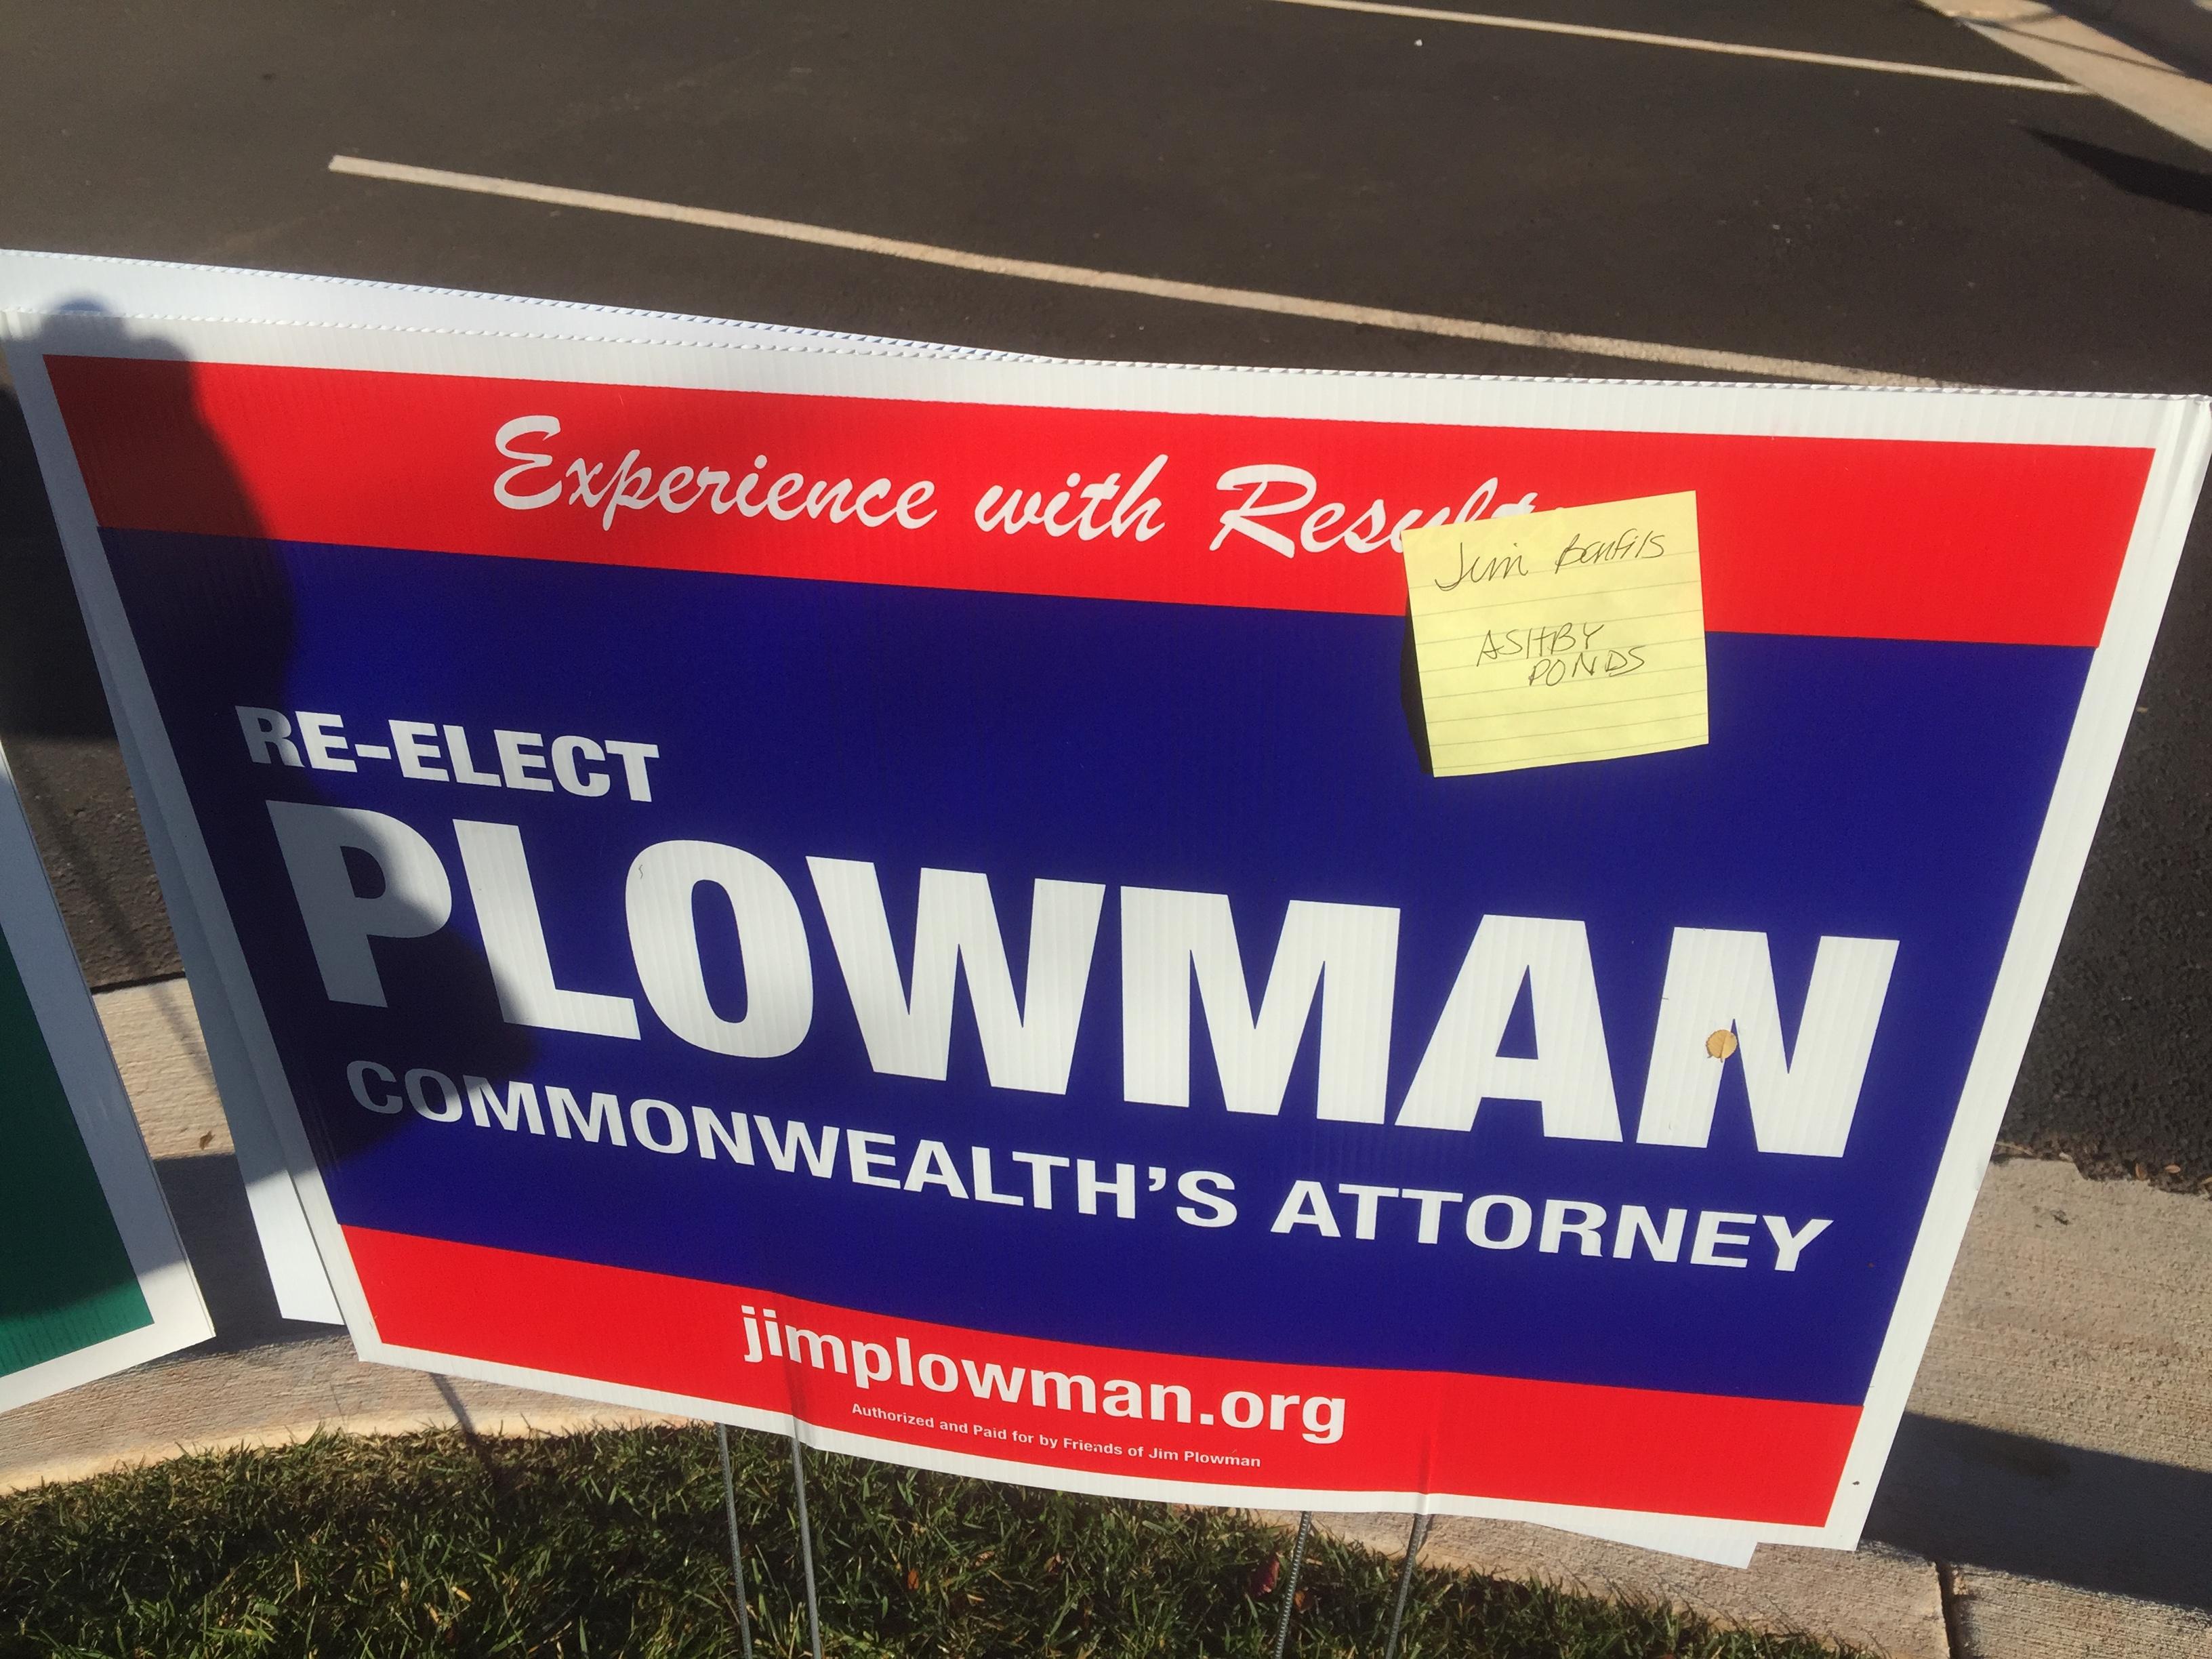 plowman 7 rights